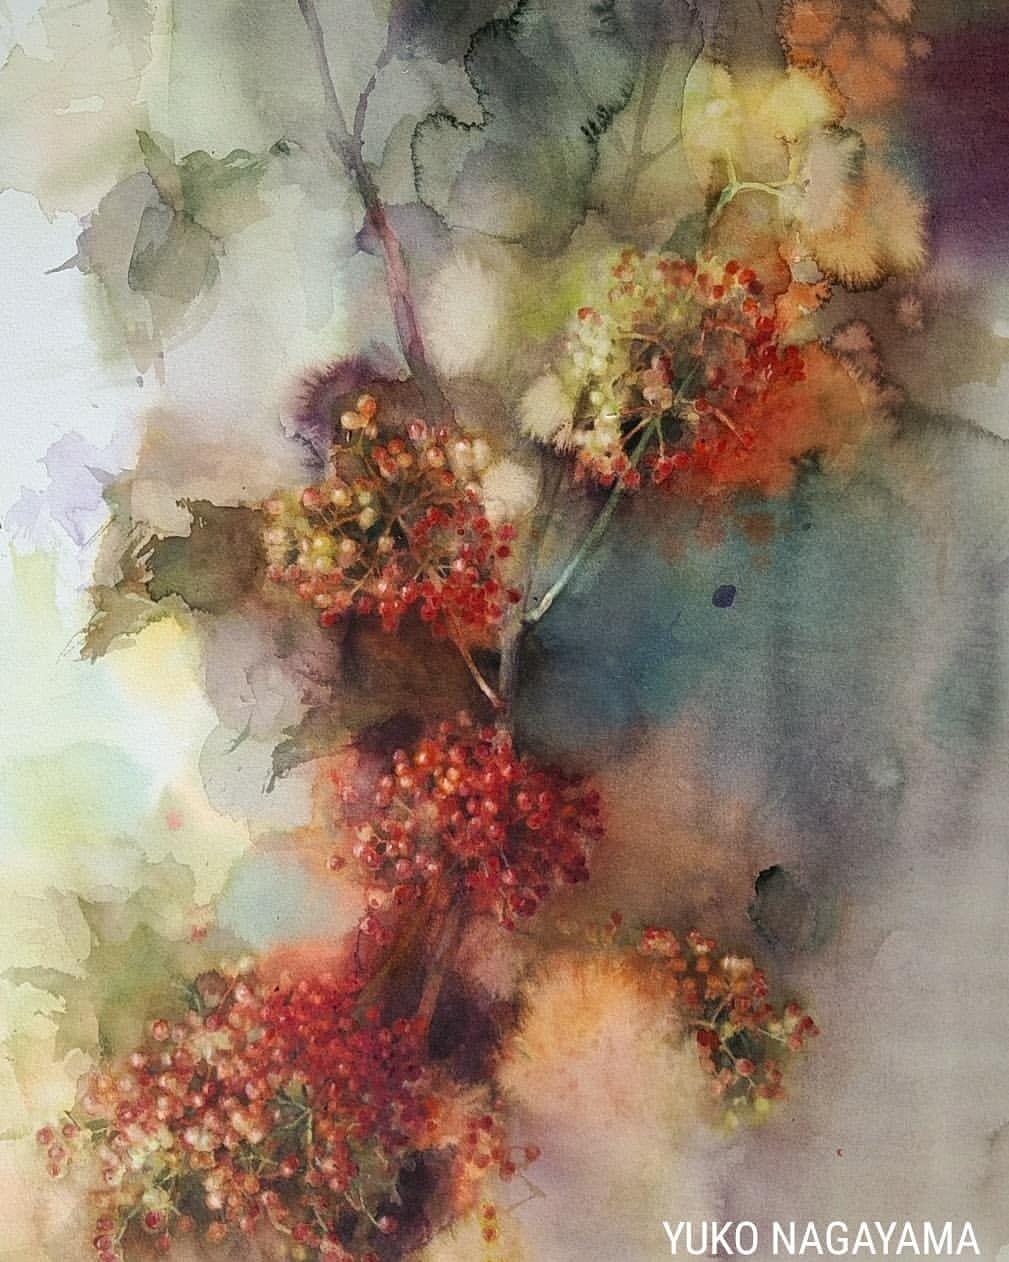 昼の花火 Aqurelle Watercolorpainting Watercolor Yukonagayama